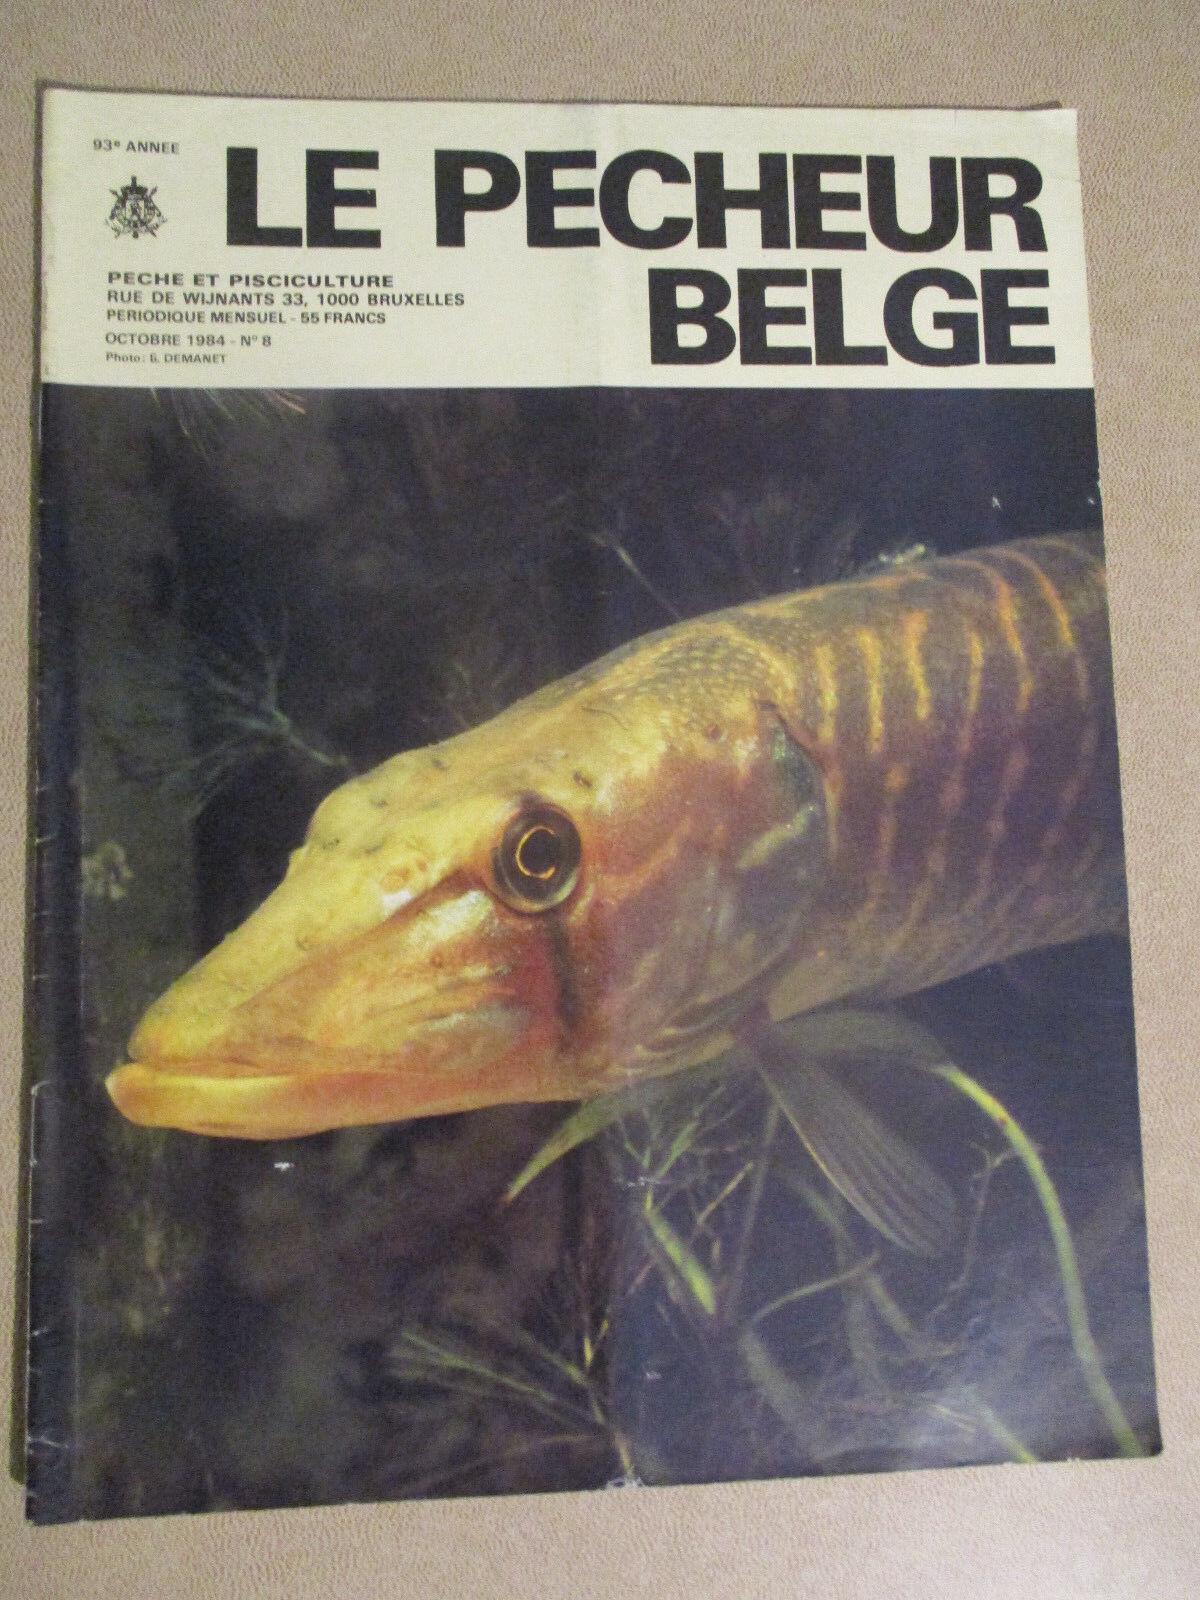 LE PECHEUR BELGE: N°8: OCTOBRE 1984: PECHE ET PISCICULTURE